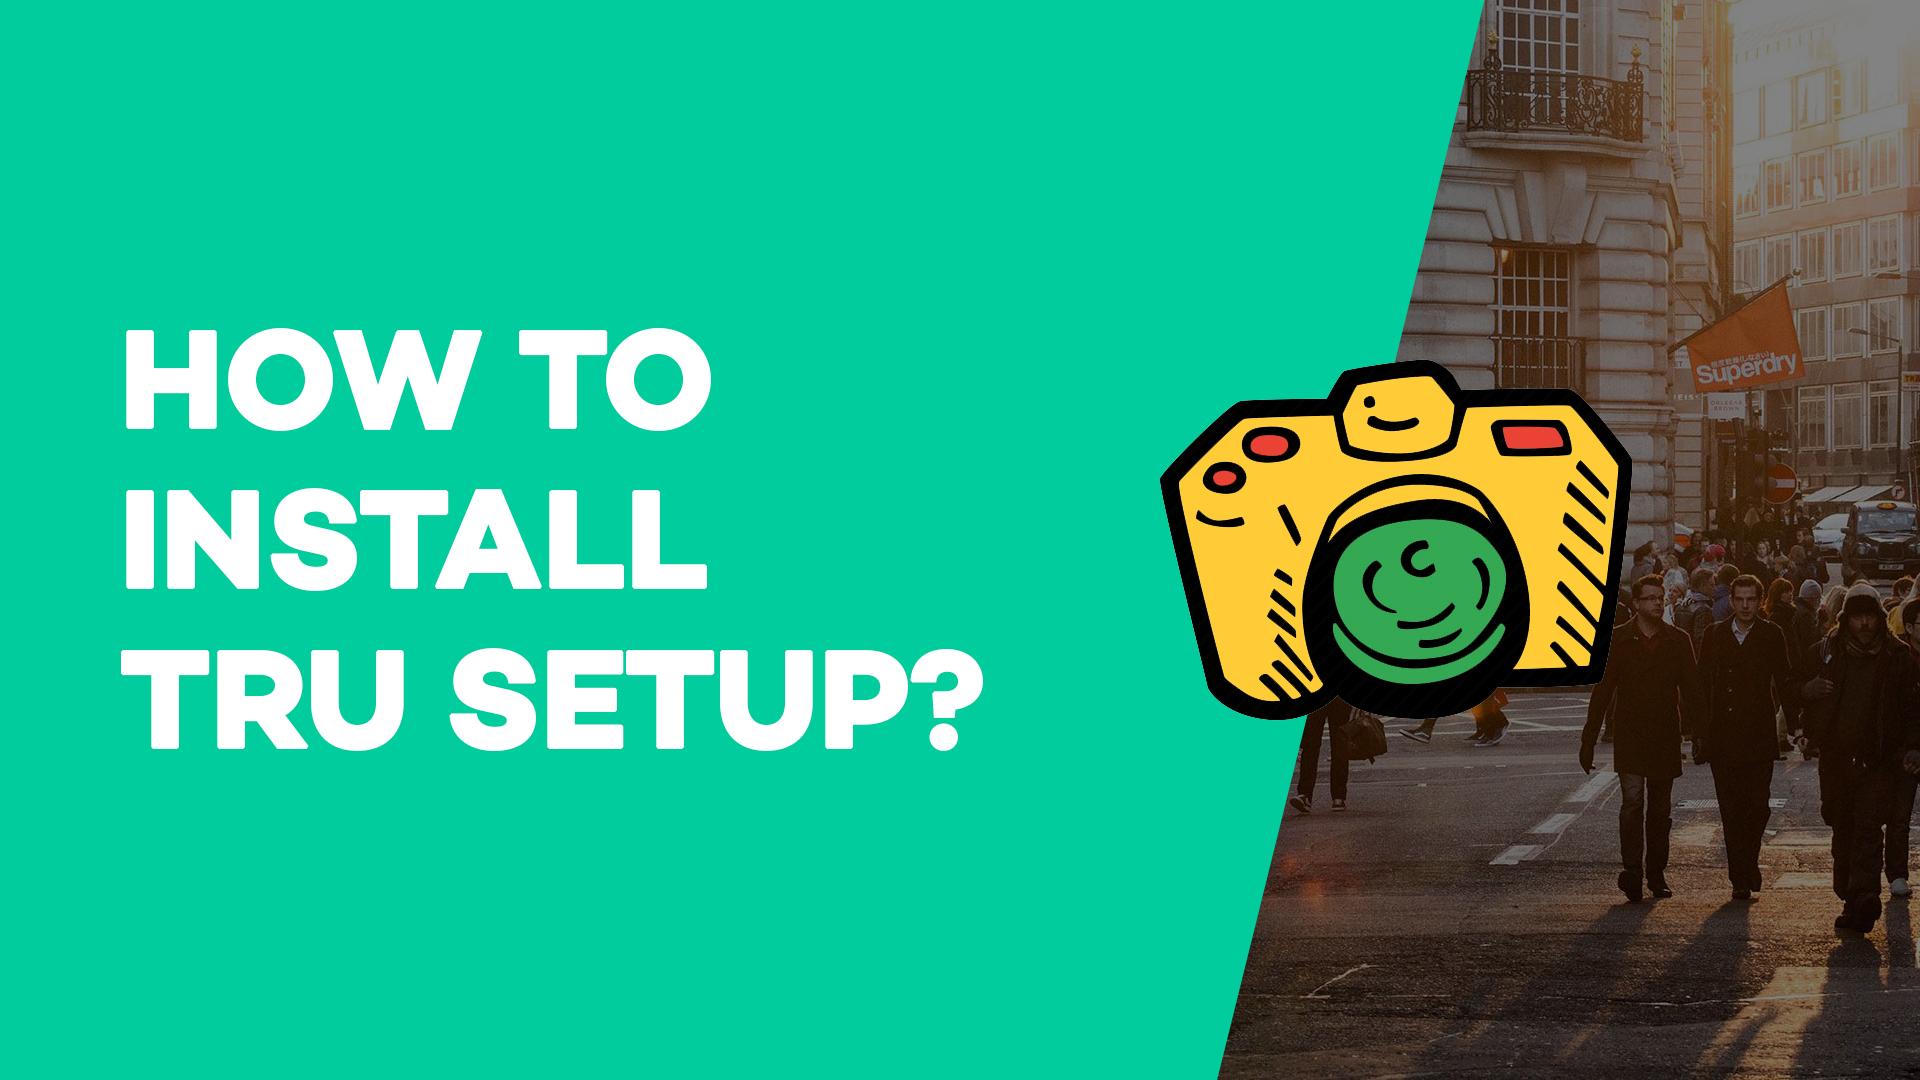 How to Install Tru setup?